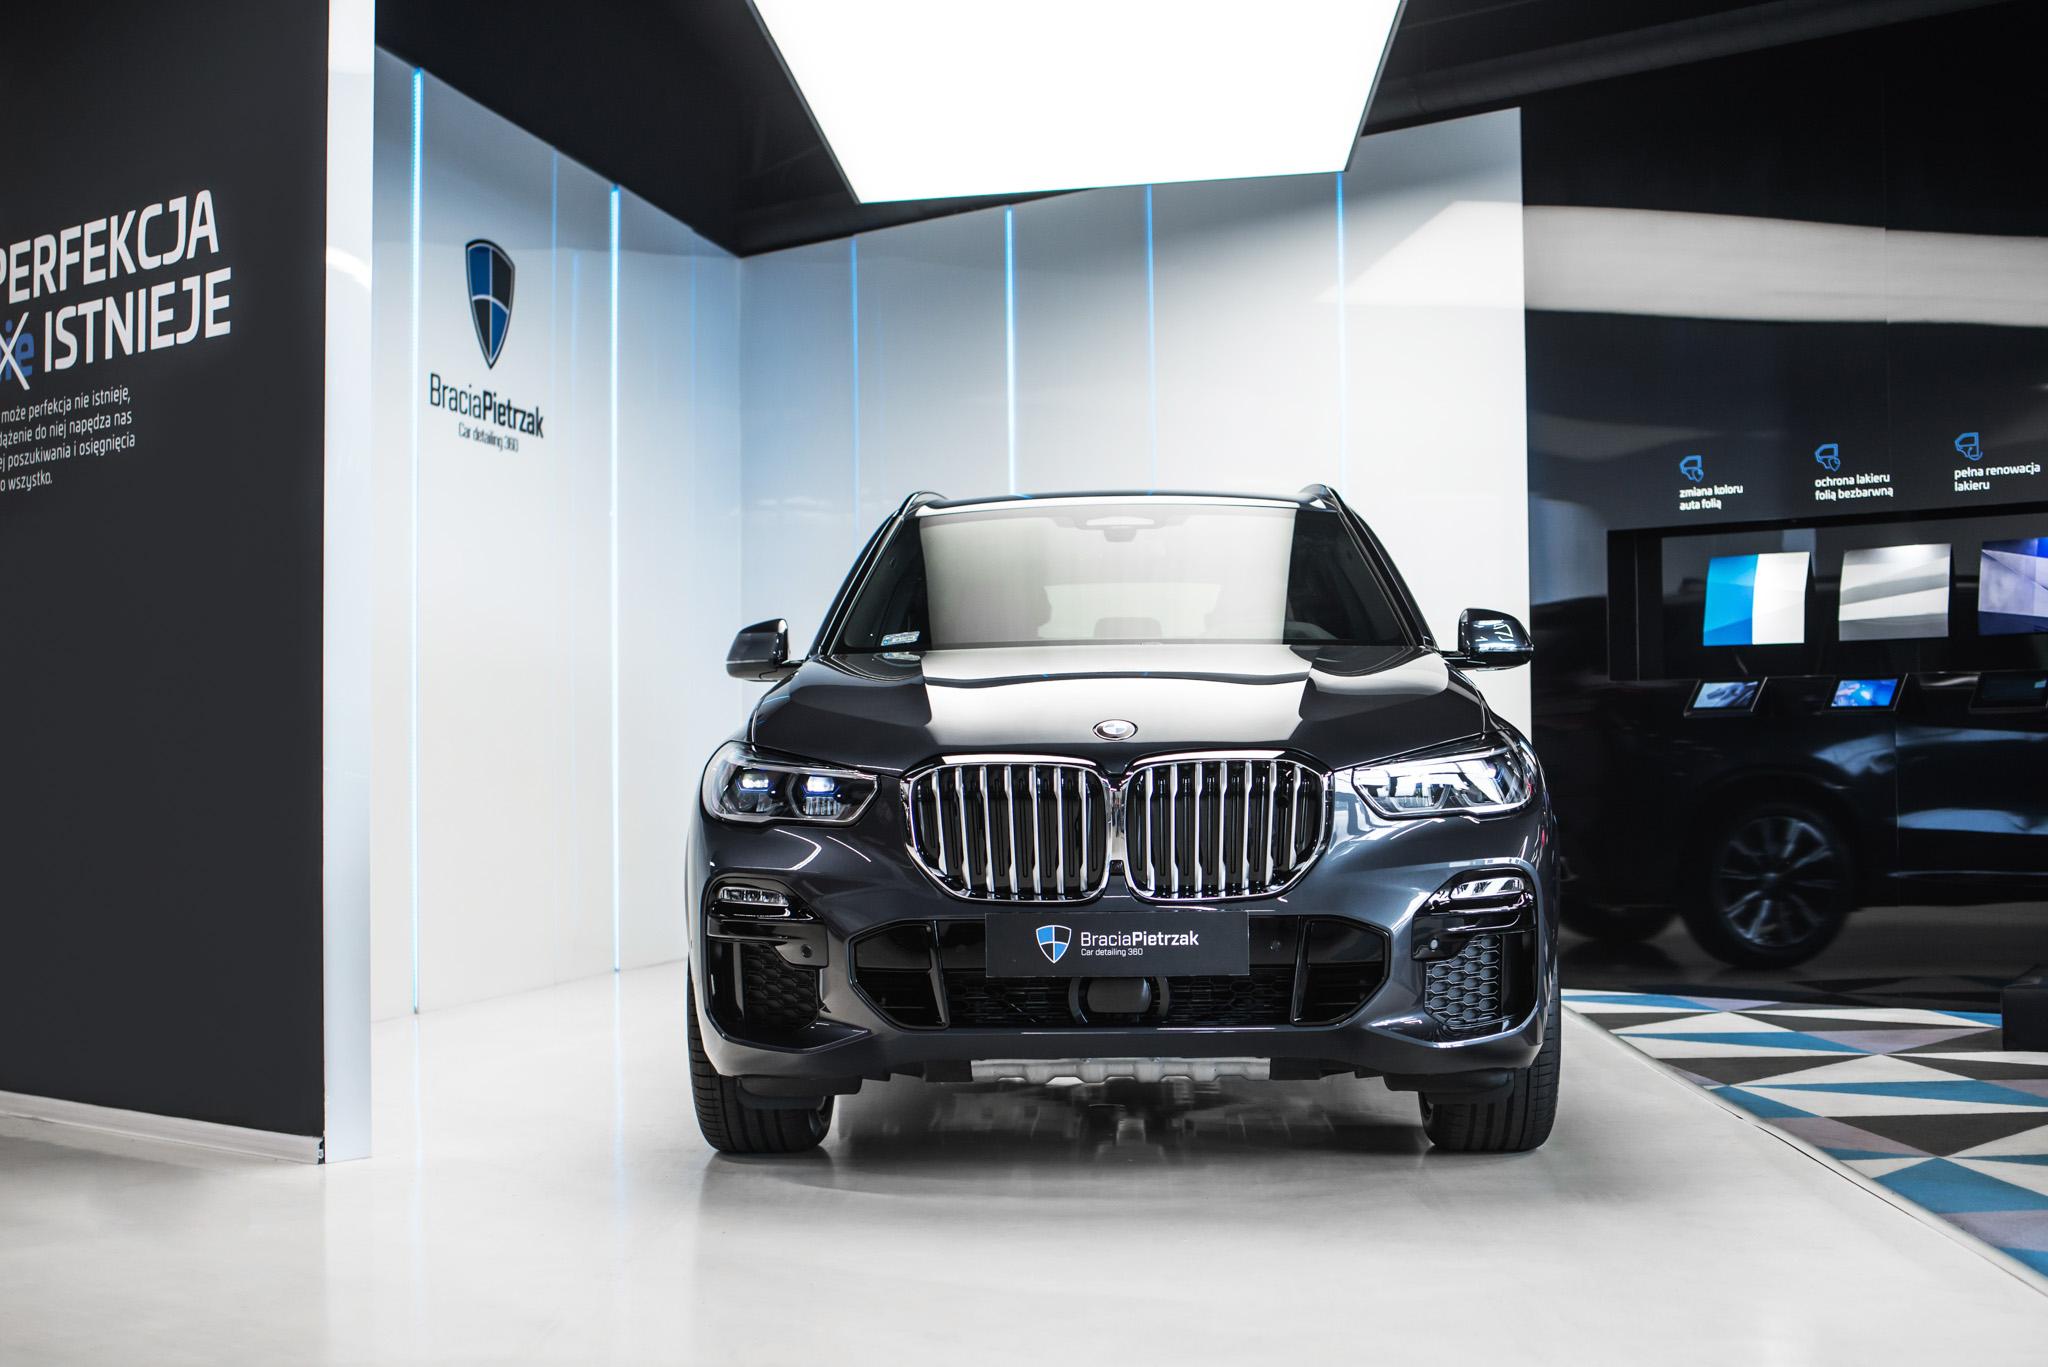 01_BMW_X5_2018_05_21_BMW_X5